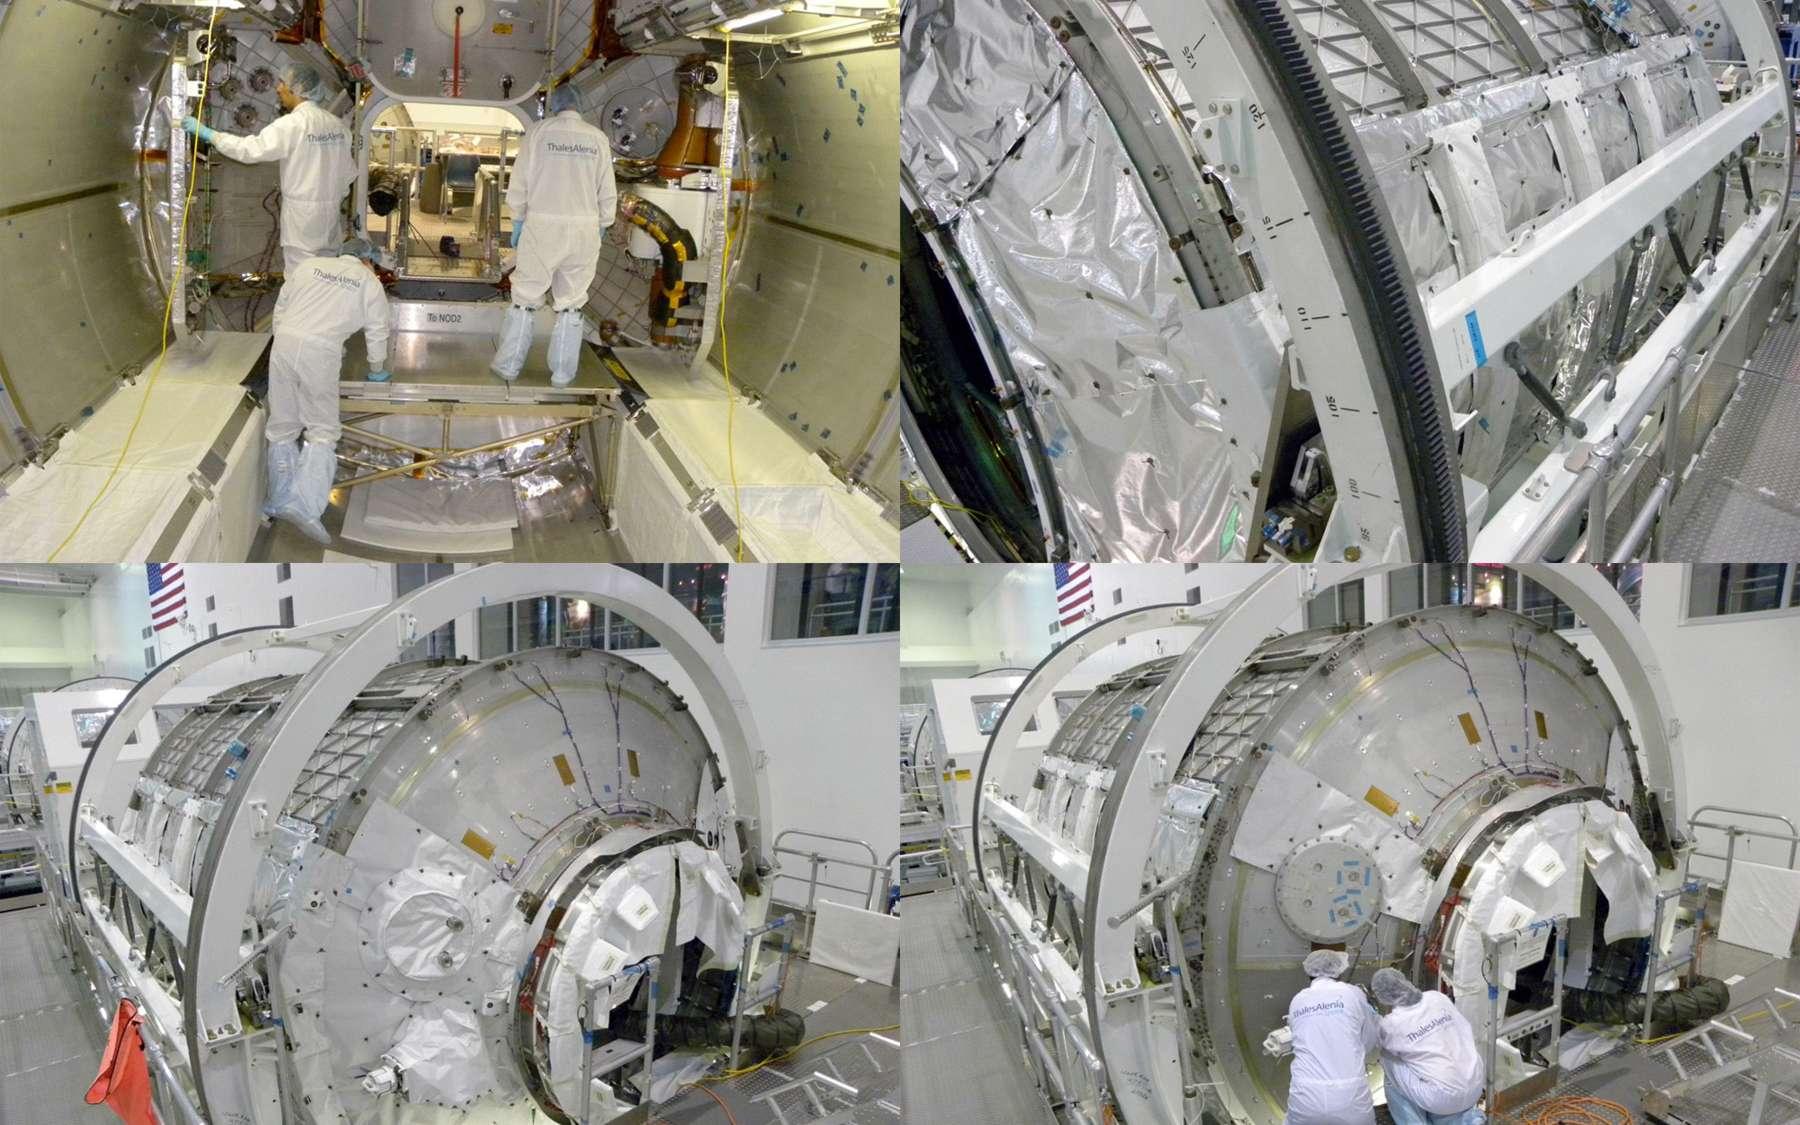 Le module permanent PMM (anciennement MPLM Leonardo) vient d'être livré à la Nasa. Transformé par Thales Alenia Space, il doit rejoindre la Station en novembre à bord de la navette Discovery. Il sera amarré au port Nadir du nœud de jonction numéro 1 (Unity). Crédit Nasa / Thales Alenia Space